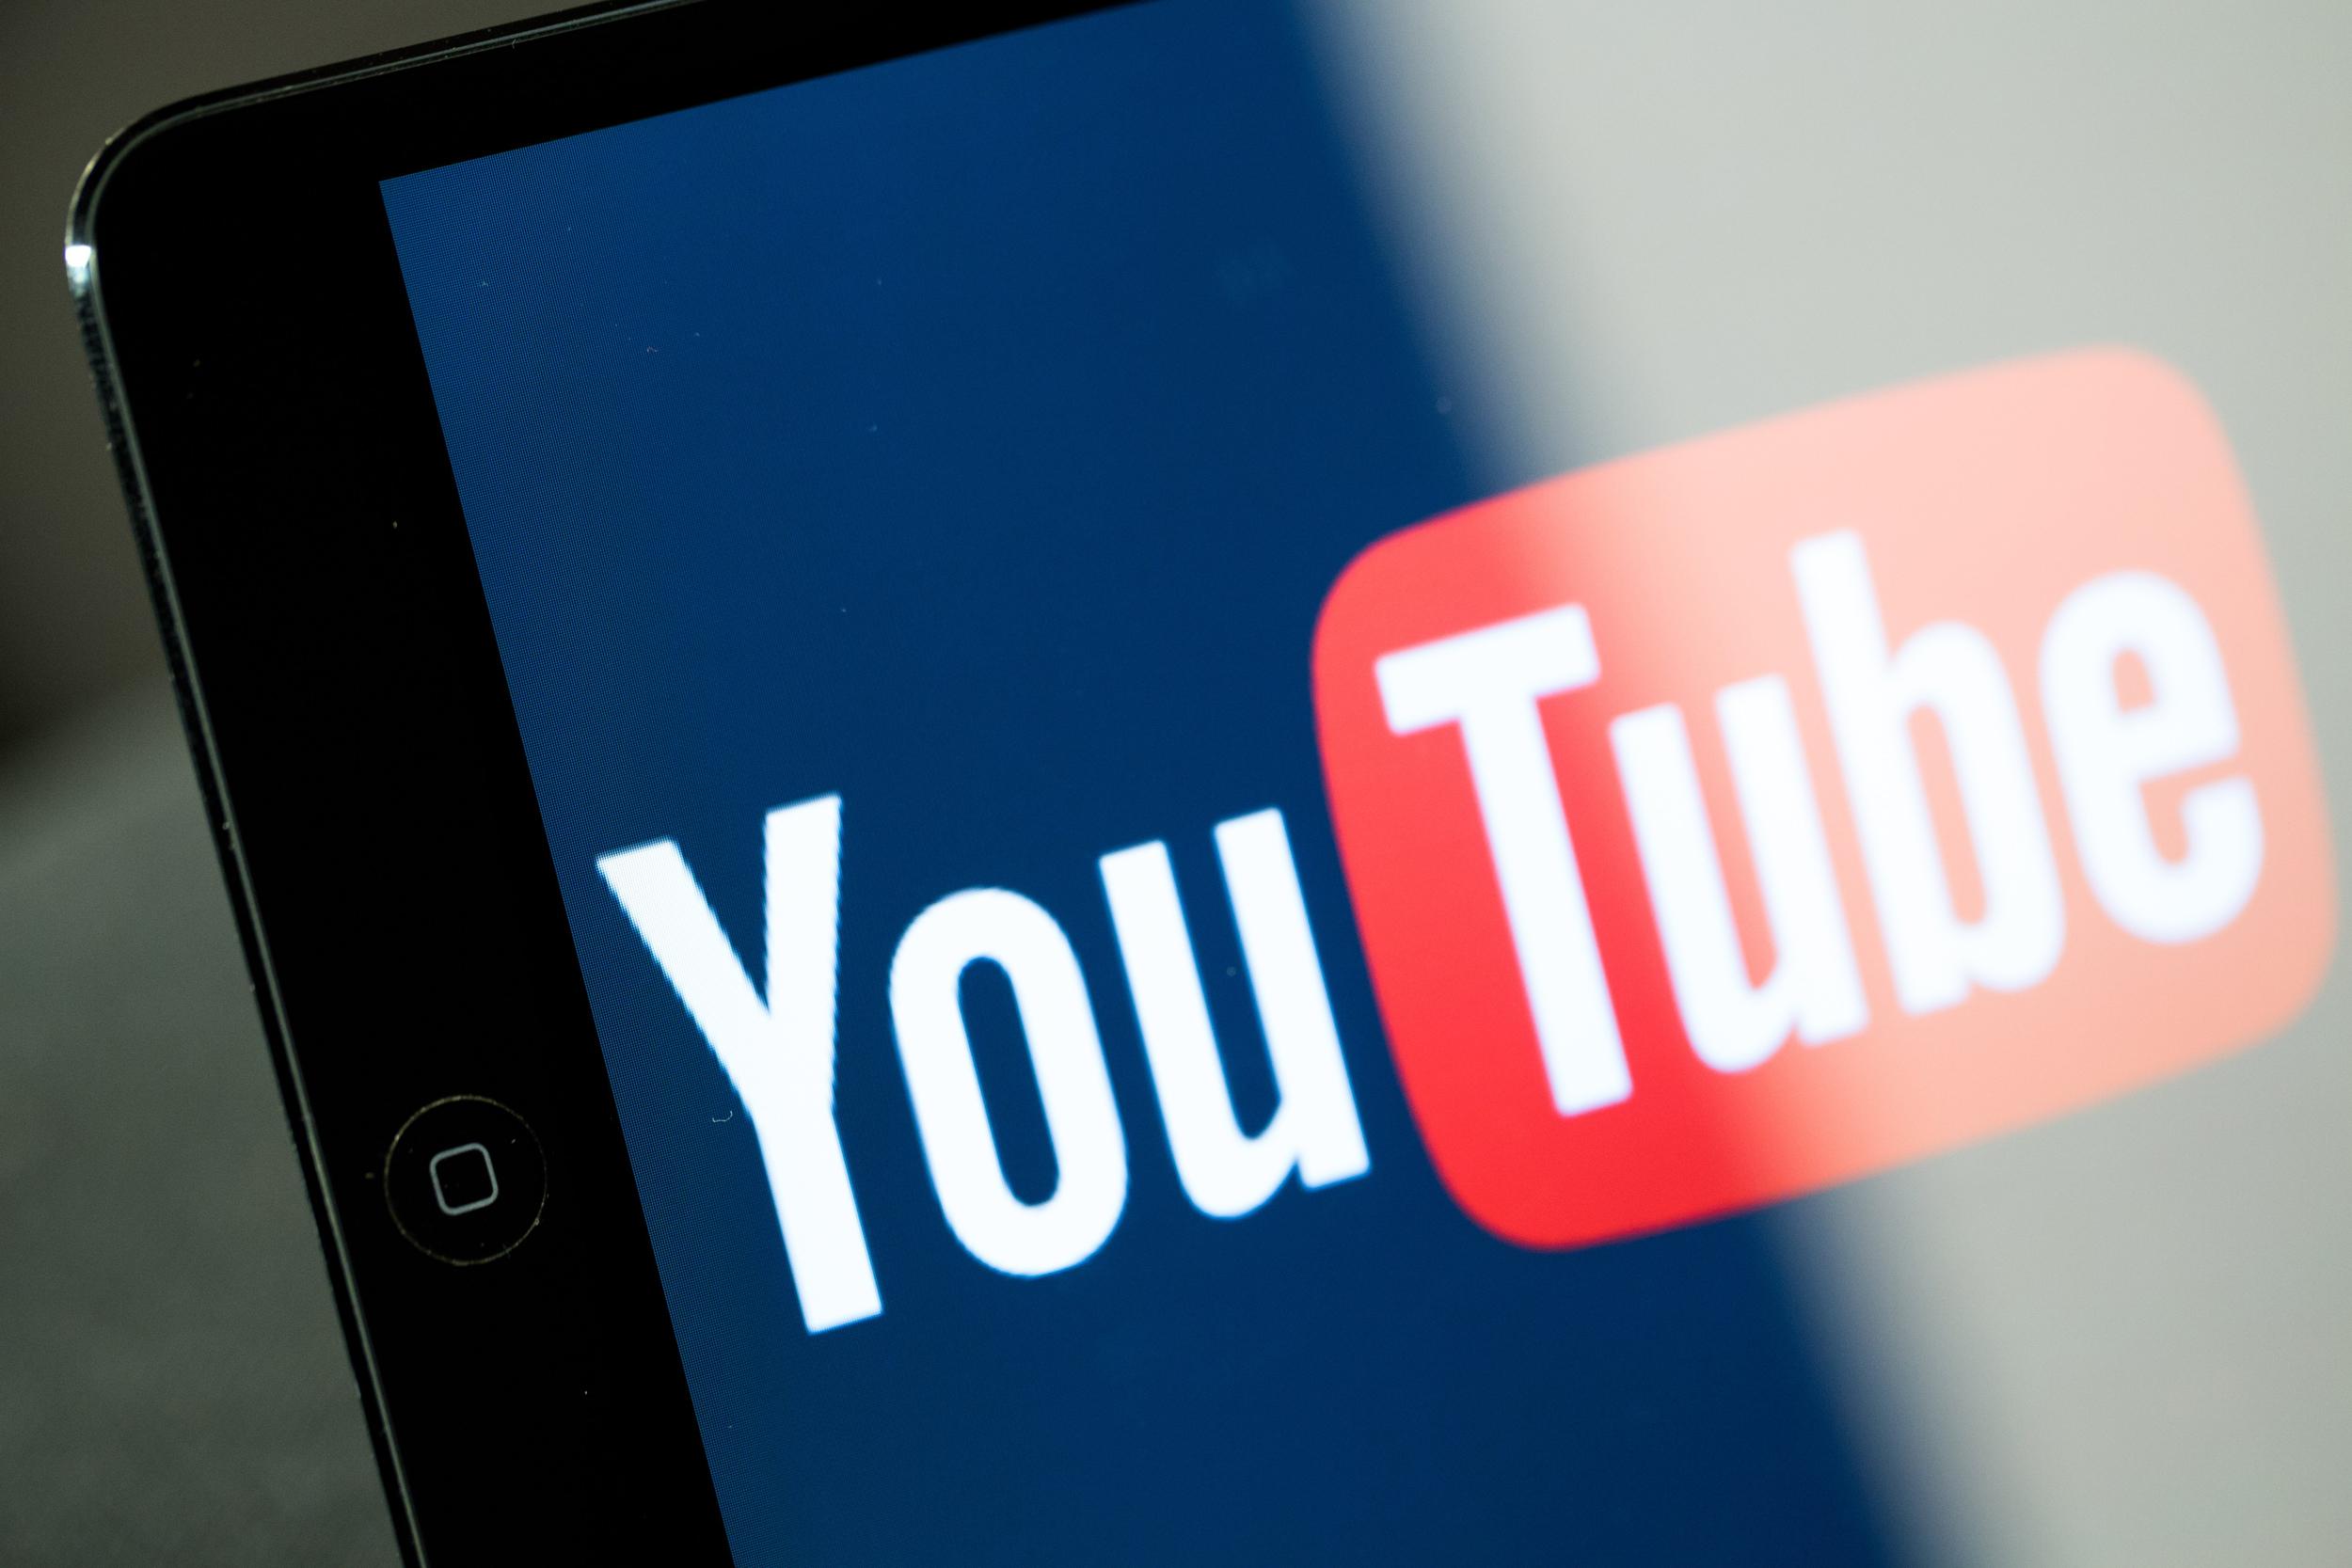 Image: youtube